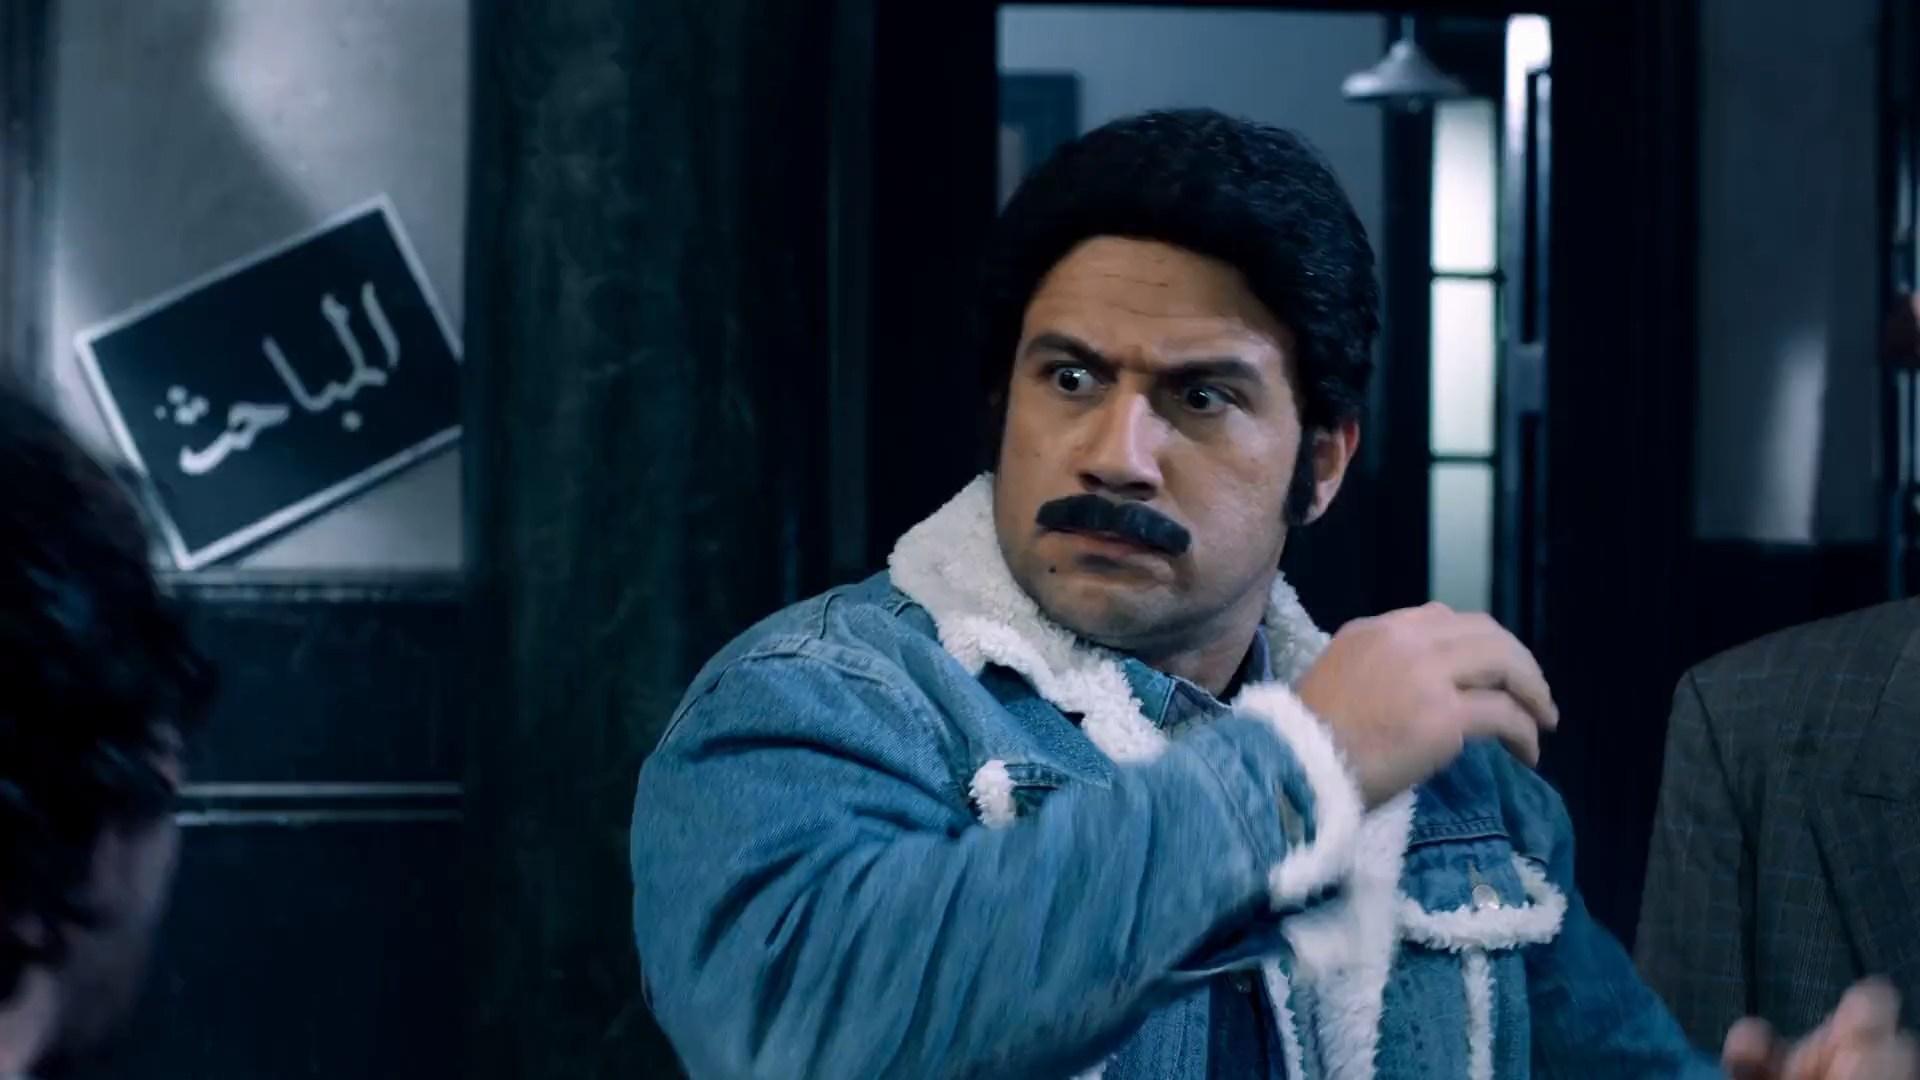 [فيلم][تورنت][تحميل][سمير أبو النيل][2013][1080p][Web-DL] 5 arabp2p.com